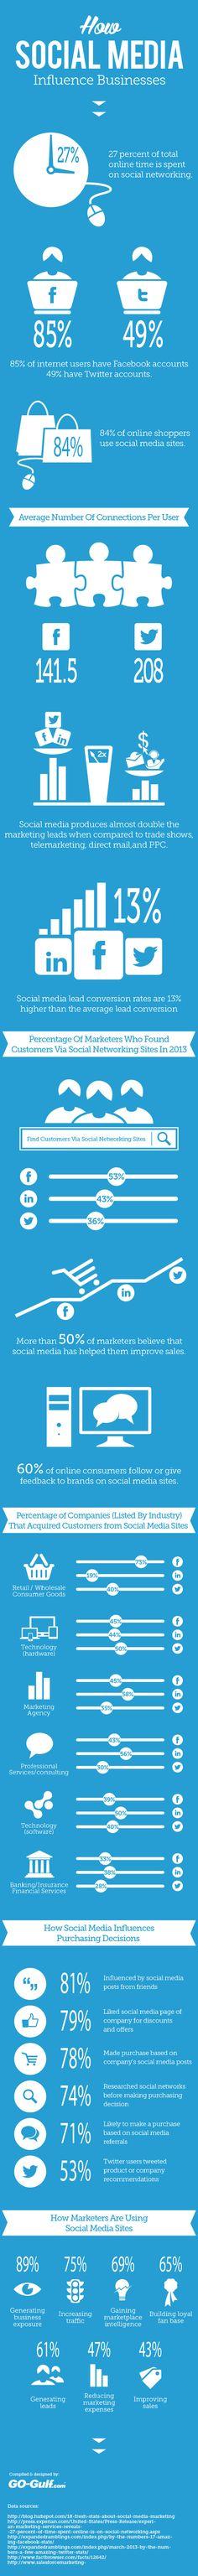 소셜미디어가 어떻게 리드 발굴 및 세일즈에 영향을 주는가?  - 온라인 쇼핑객 중 84%가 소셜미디어 사이트 활용 -소셜미디어는 PPC, 다이렉트 메일, 텔레마케팅 보다 두배에 가까운 리드를 생성하고 - 13% 더 높은 전환율을 끌어온다는 사실